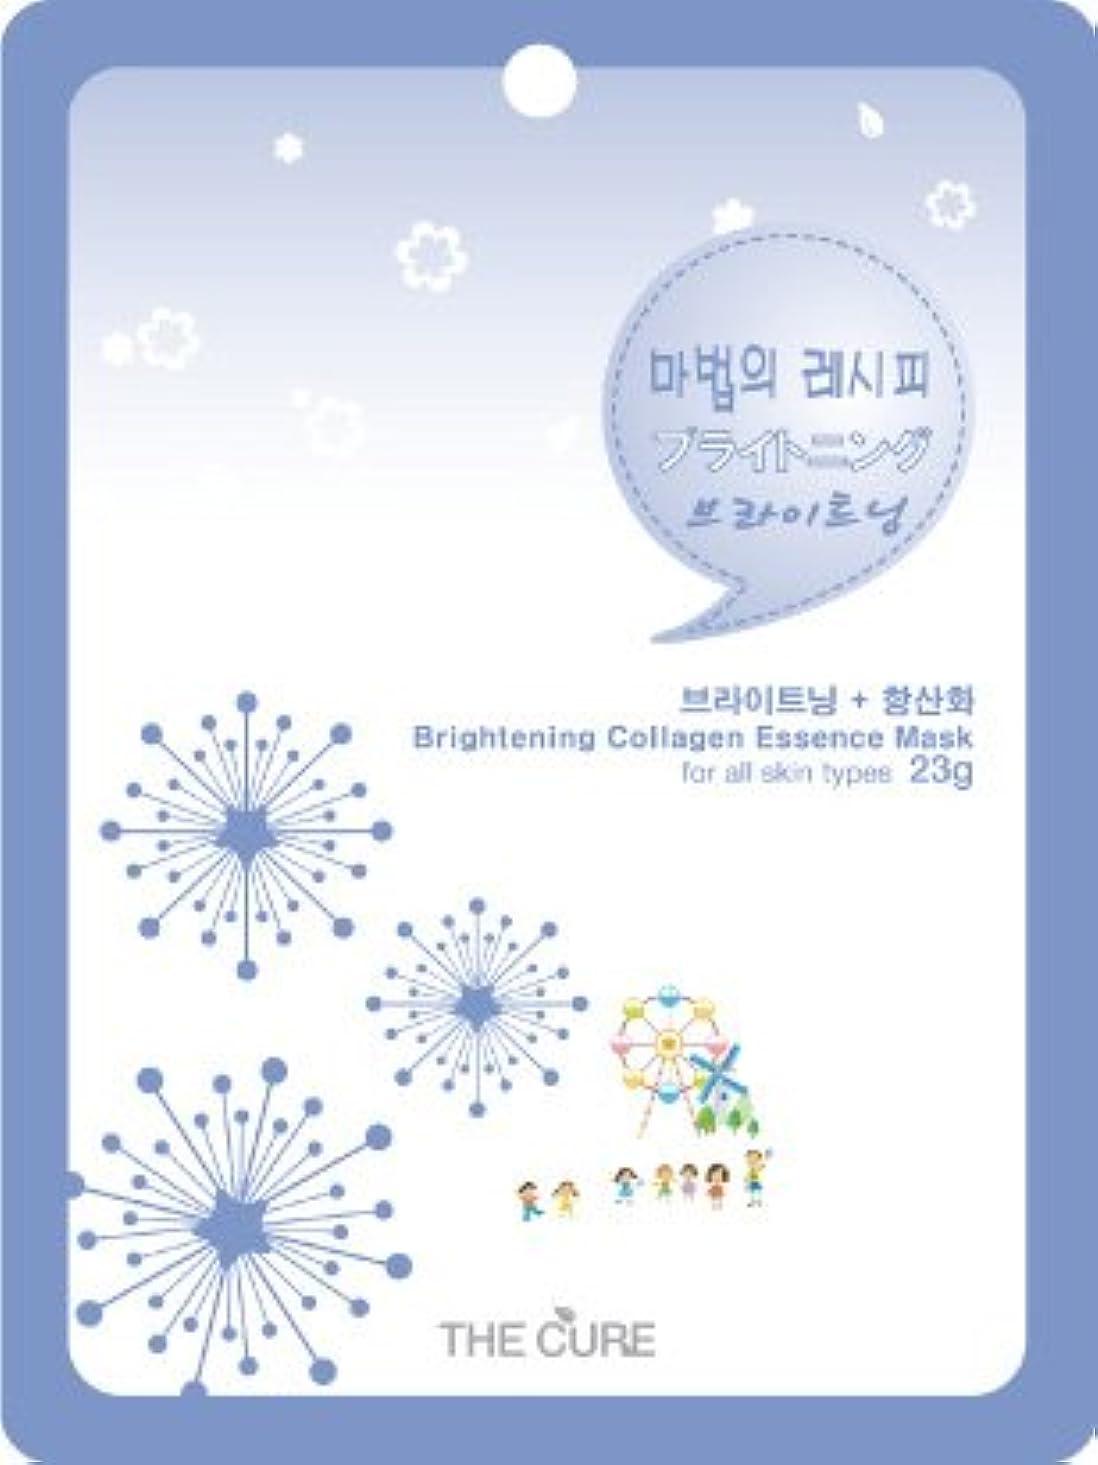 ブライトニング コラーゲン エッセンス マスク THE CURE シート パック 10枚セット 韓国 コスメ 乾燥肌 オイリー肌 混合肌